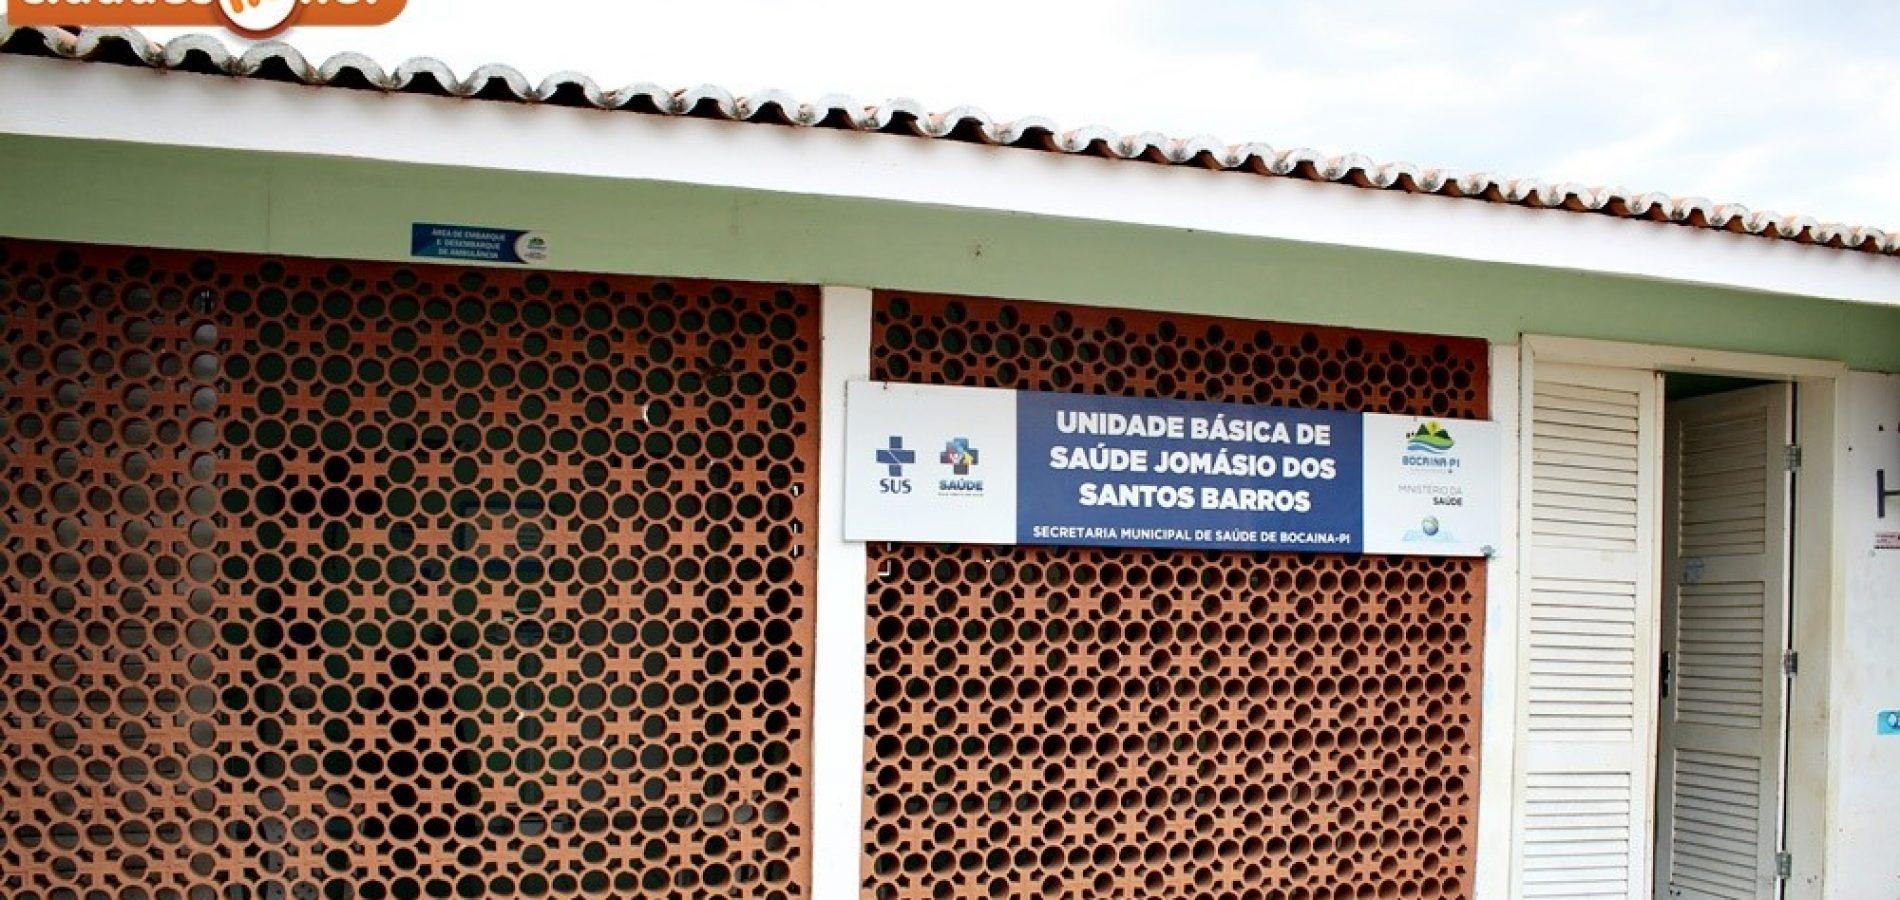 Bocaina está na lista das 10 cidades que mais vacinaram contra a Covid-19 no Piauí